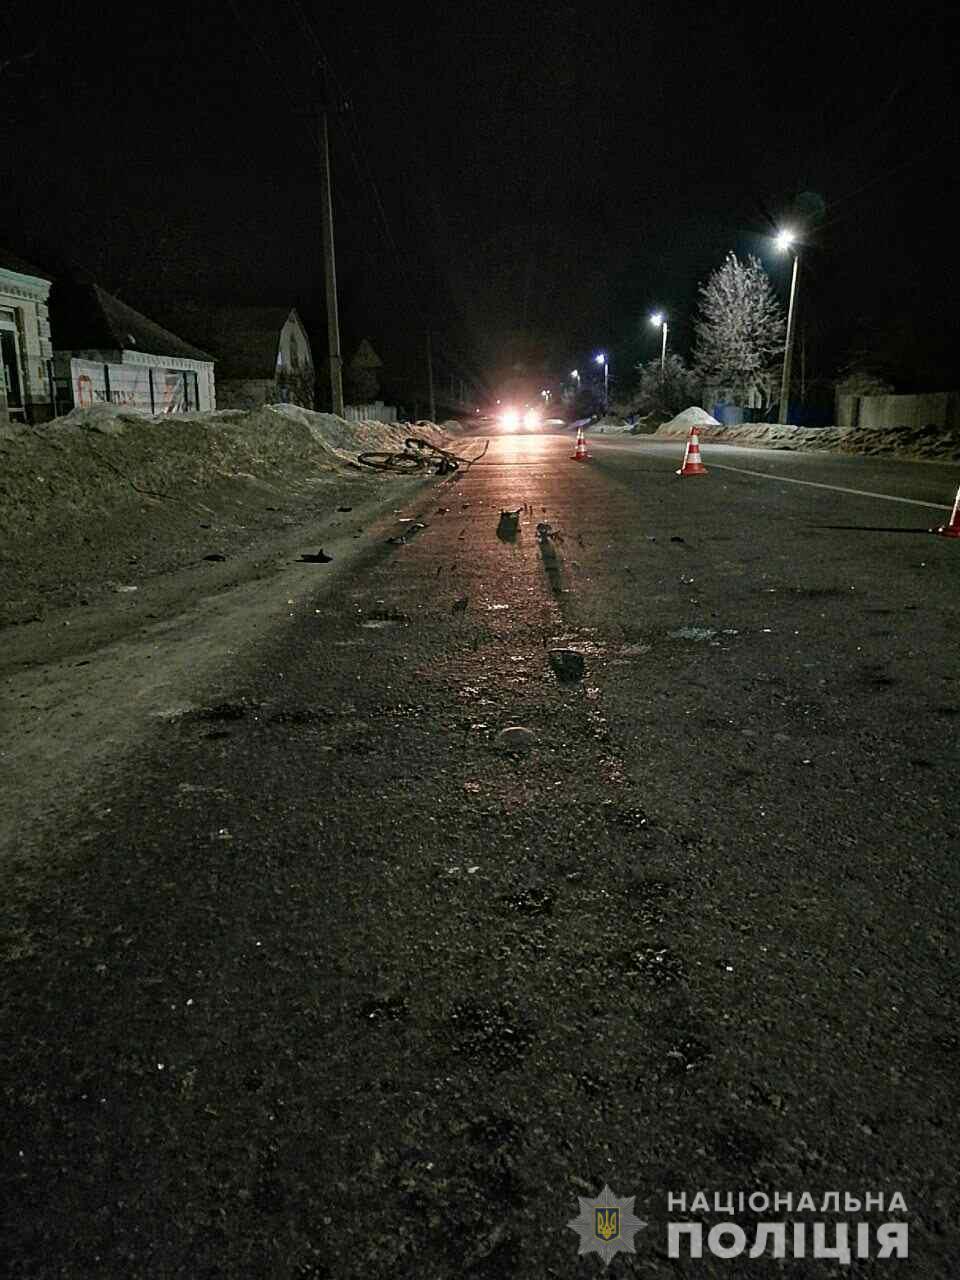 Полицейские нашли водителя, который сбил под Харьковом велосипедиста